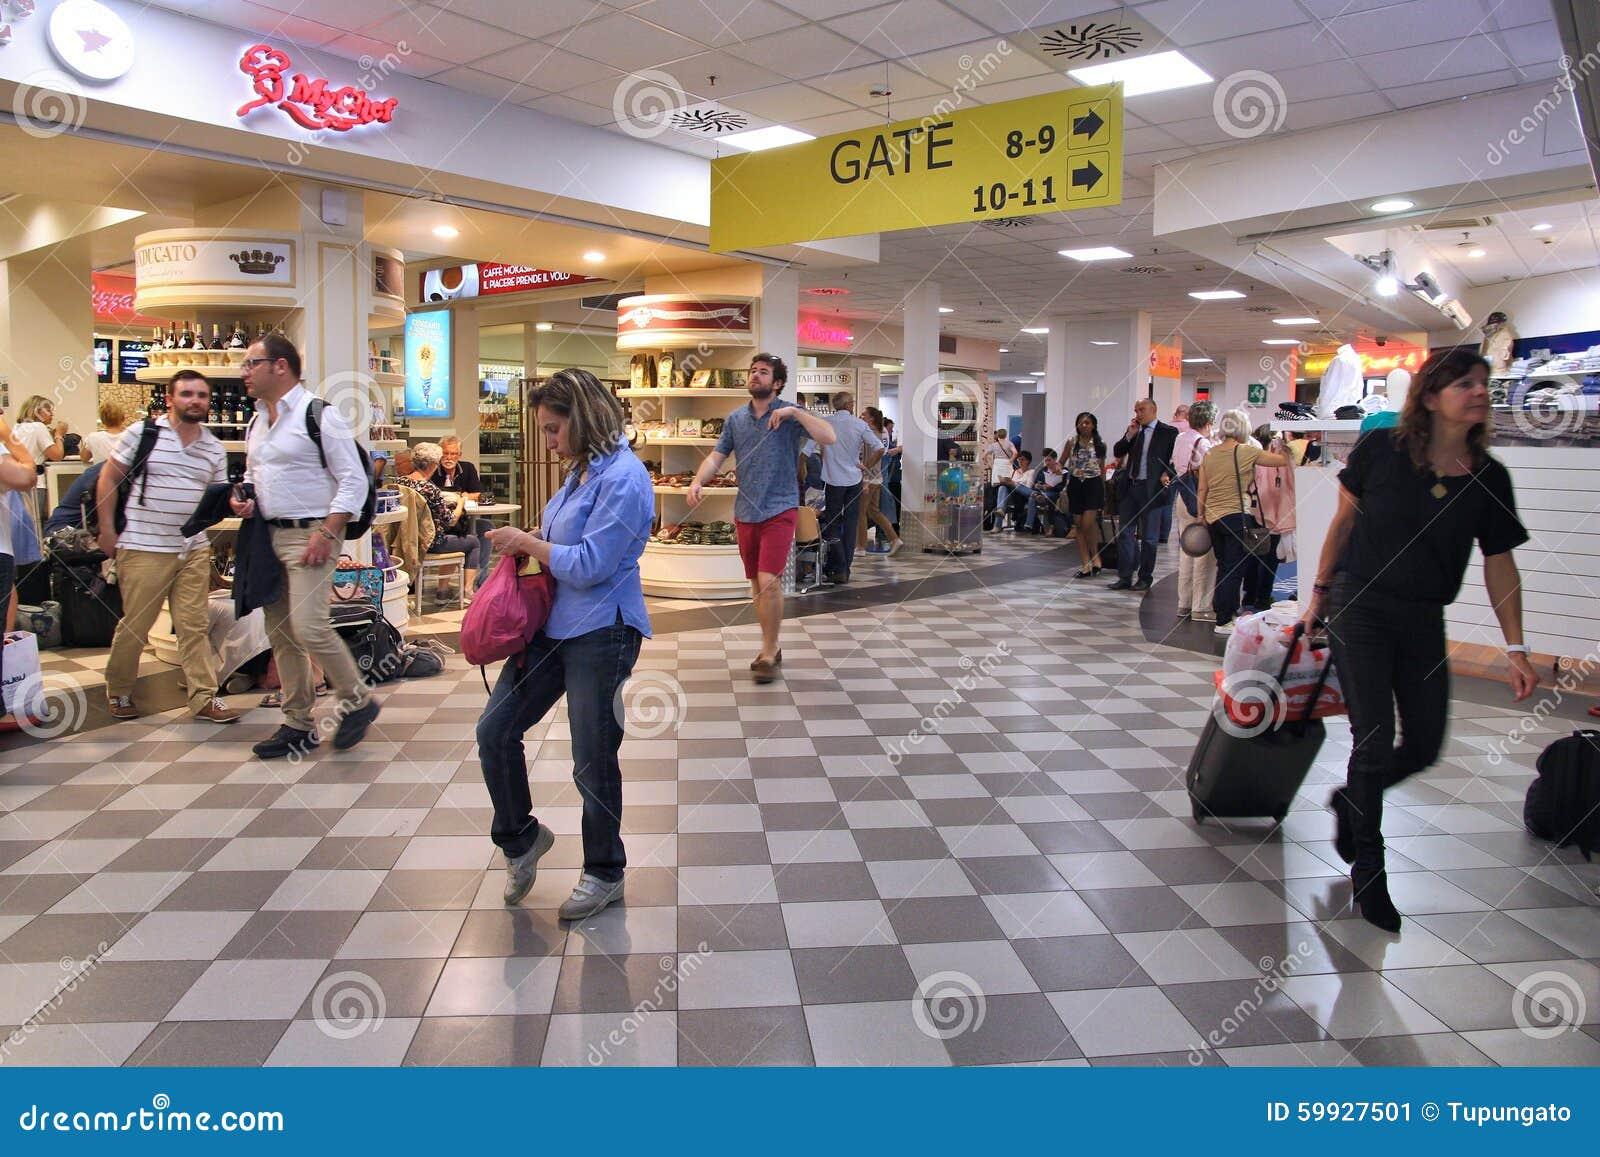 Aeroporto Pisa : Aeroporto di pisa u fabio forconi architetto